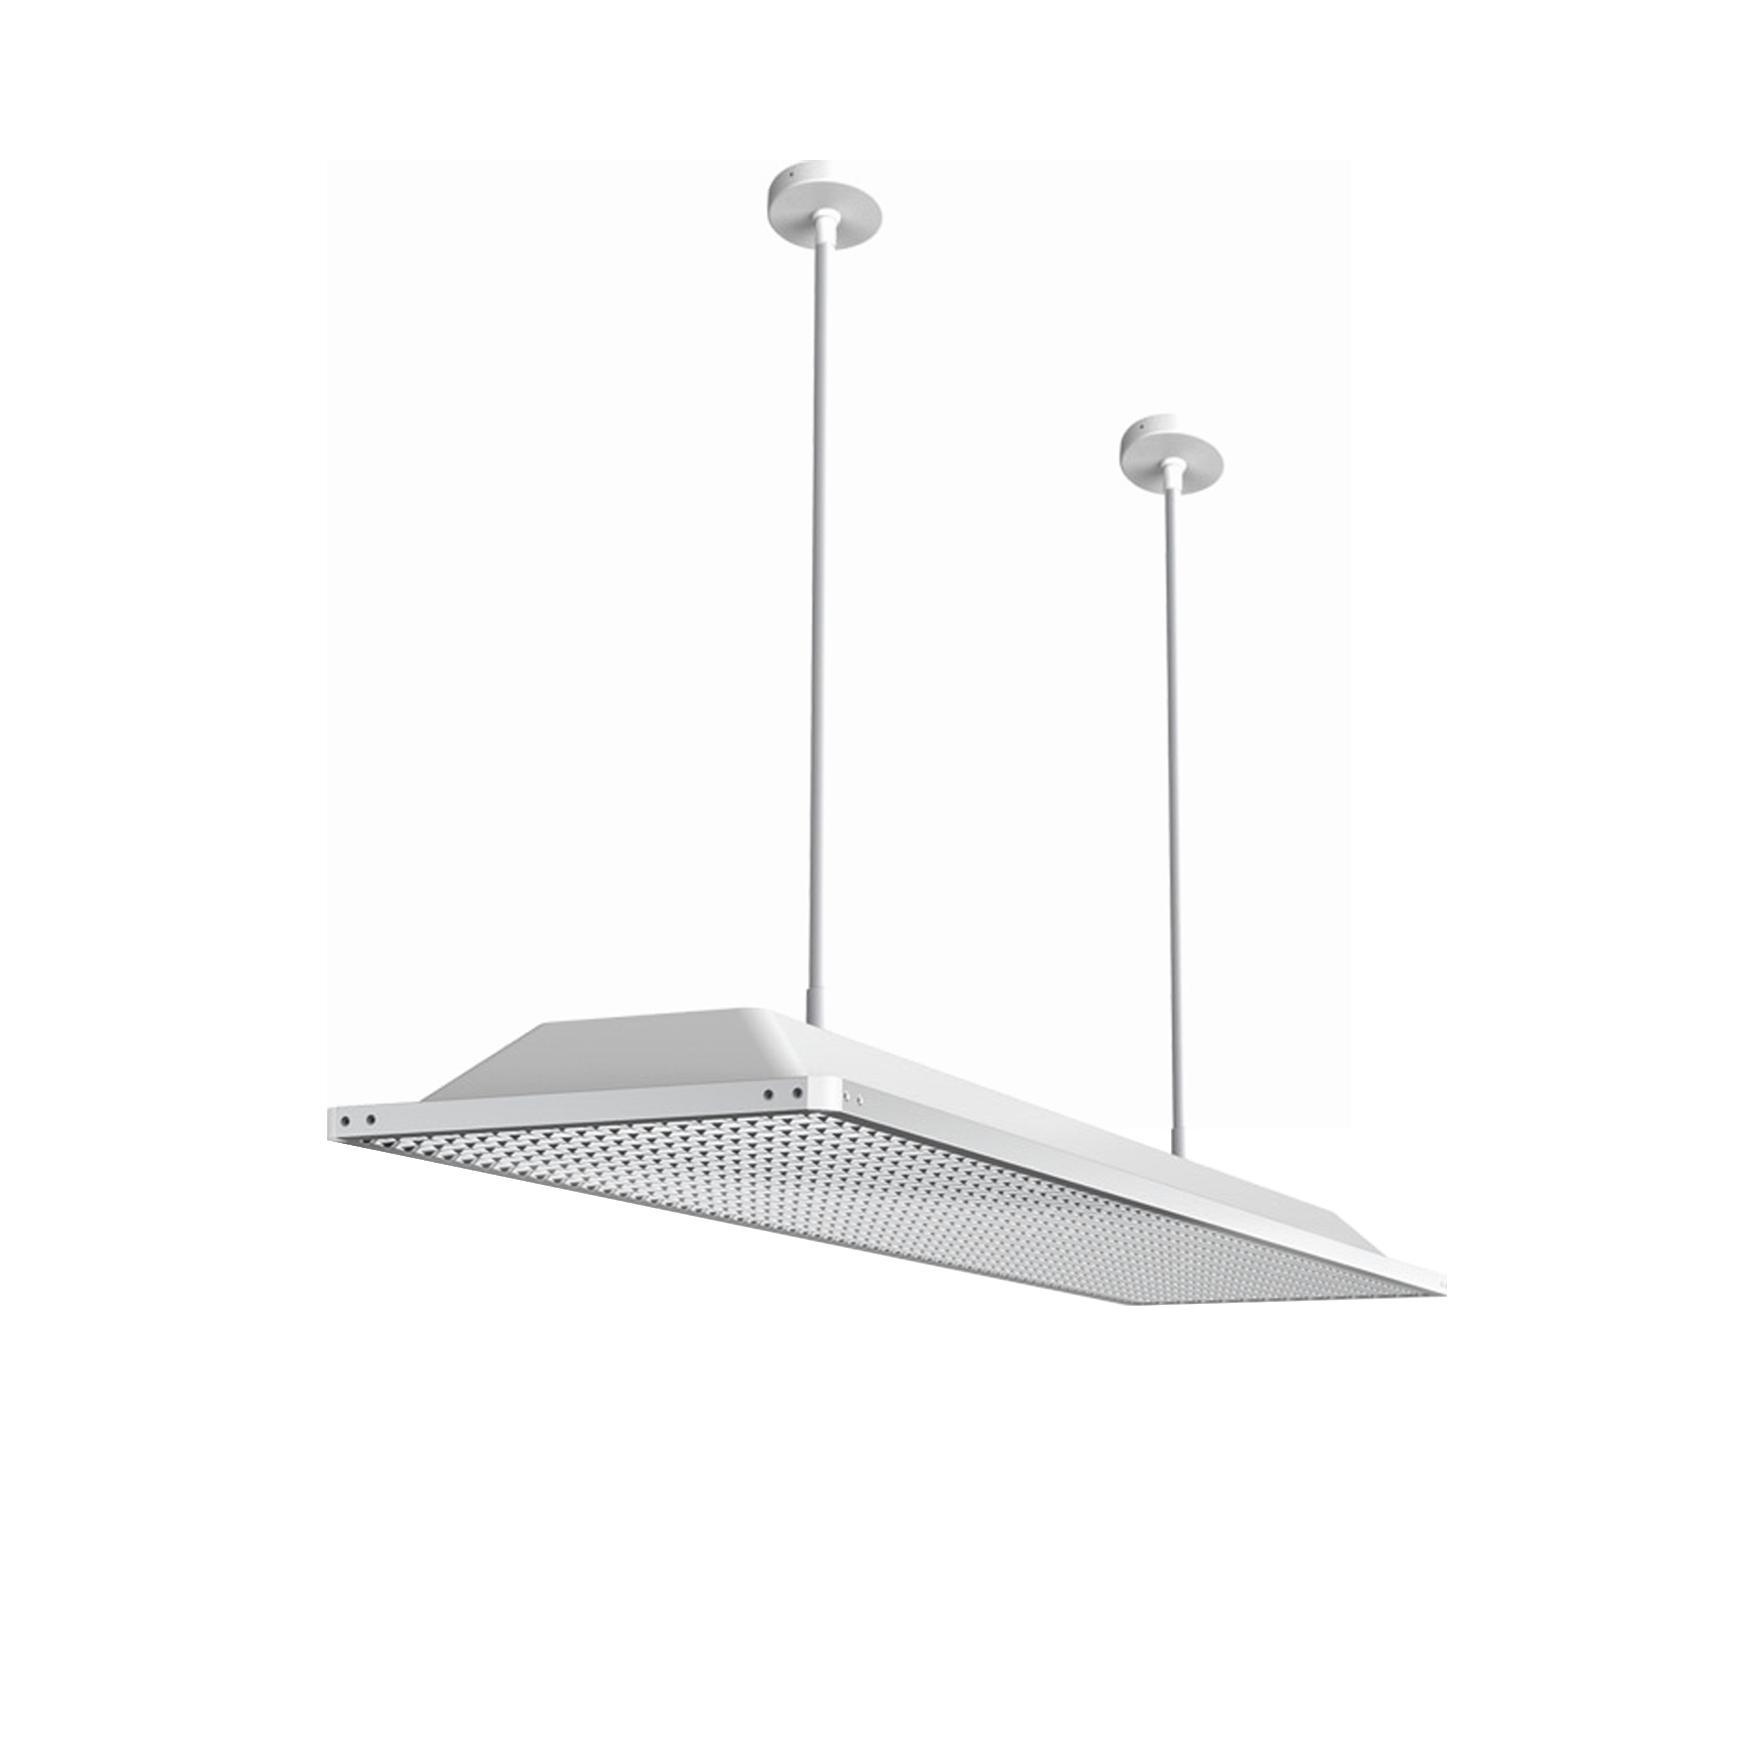 教室燈(格柵防眩)